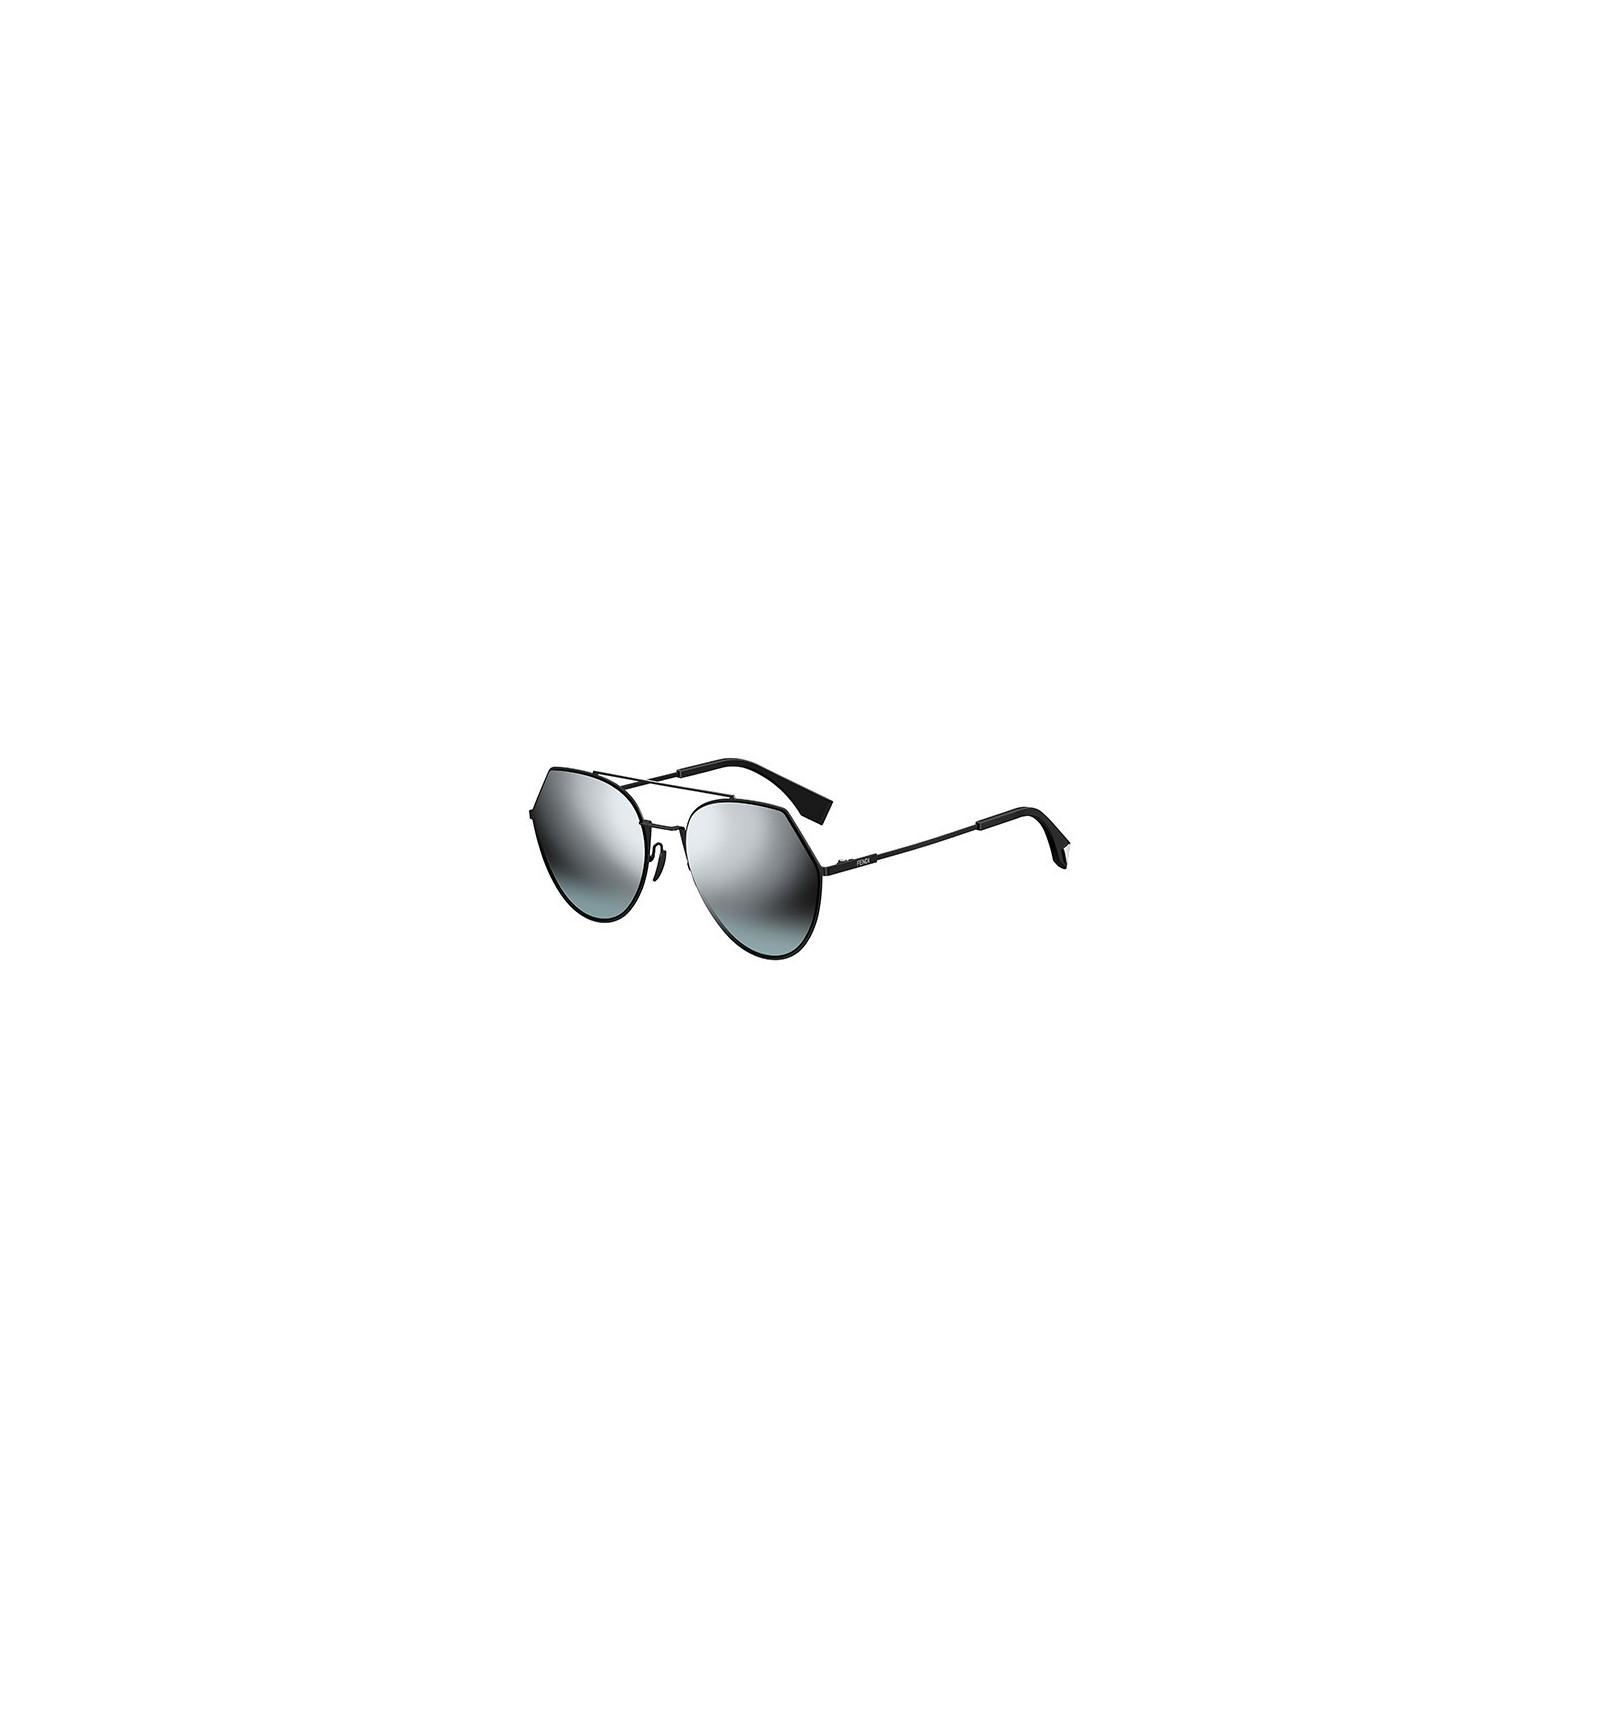 f8d72d6f2f05e Gafas de sol Fendi Eyeline Black - Silver Grey Shaded Dark Green.